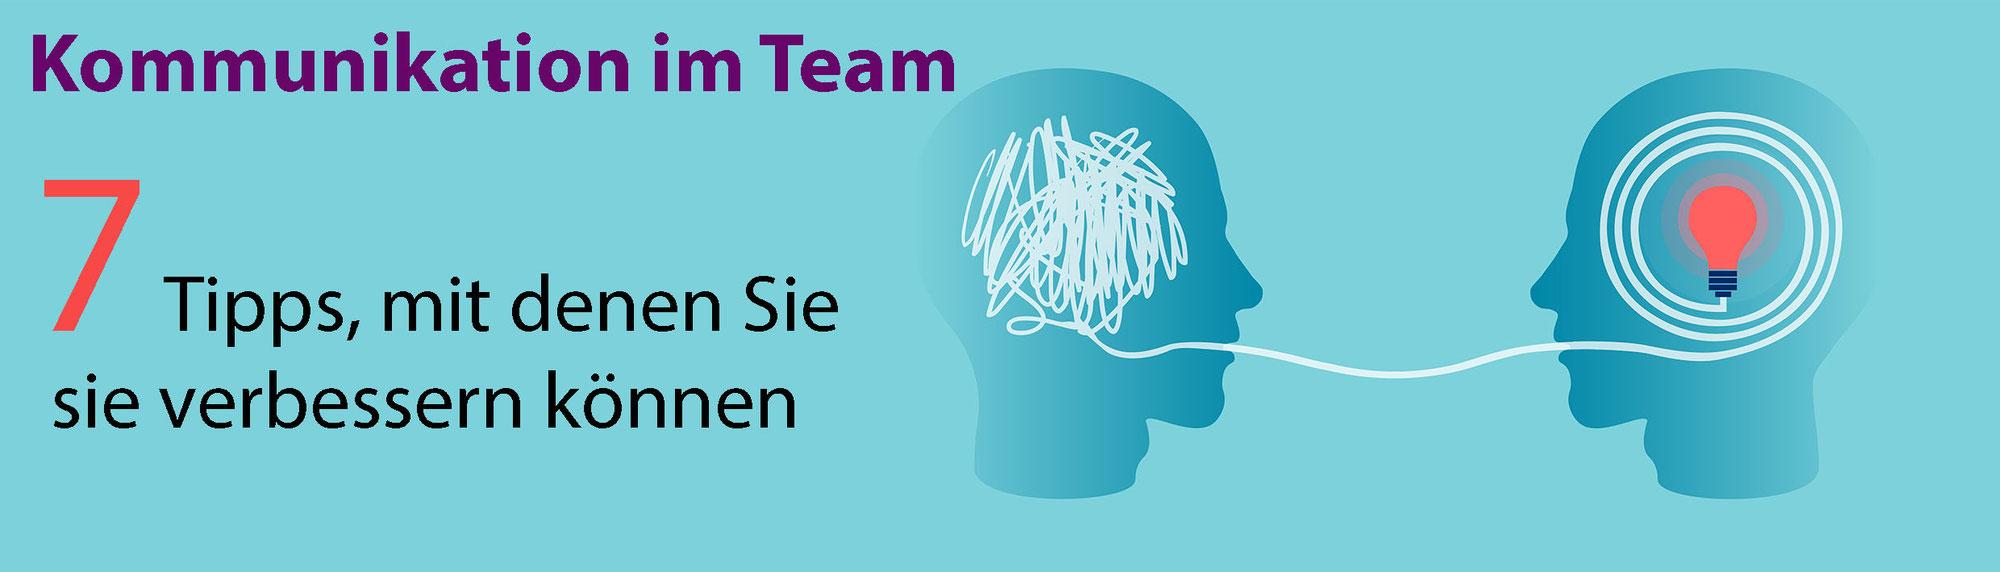 Kommunikation im Team